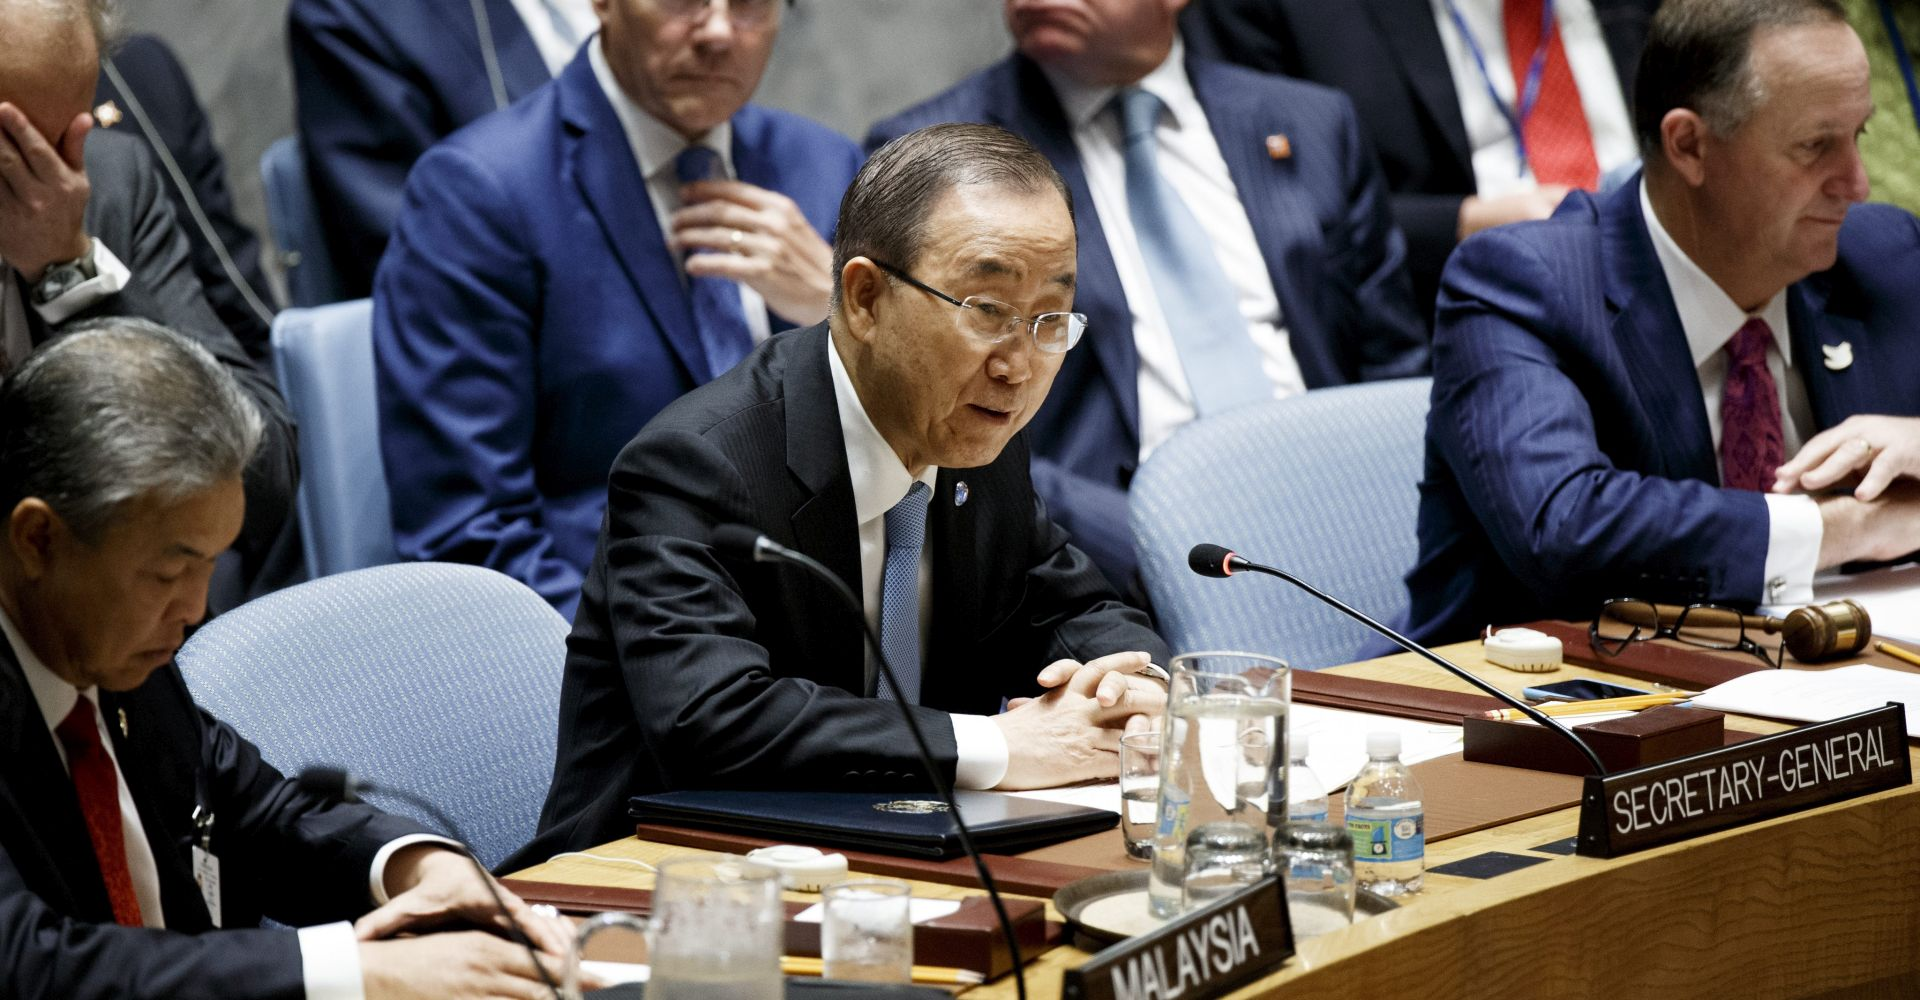 Prvi sastanak UN-ovih čelnika o LGBT pravima